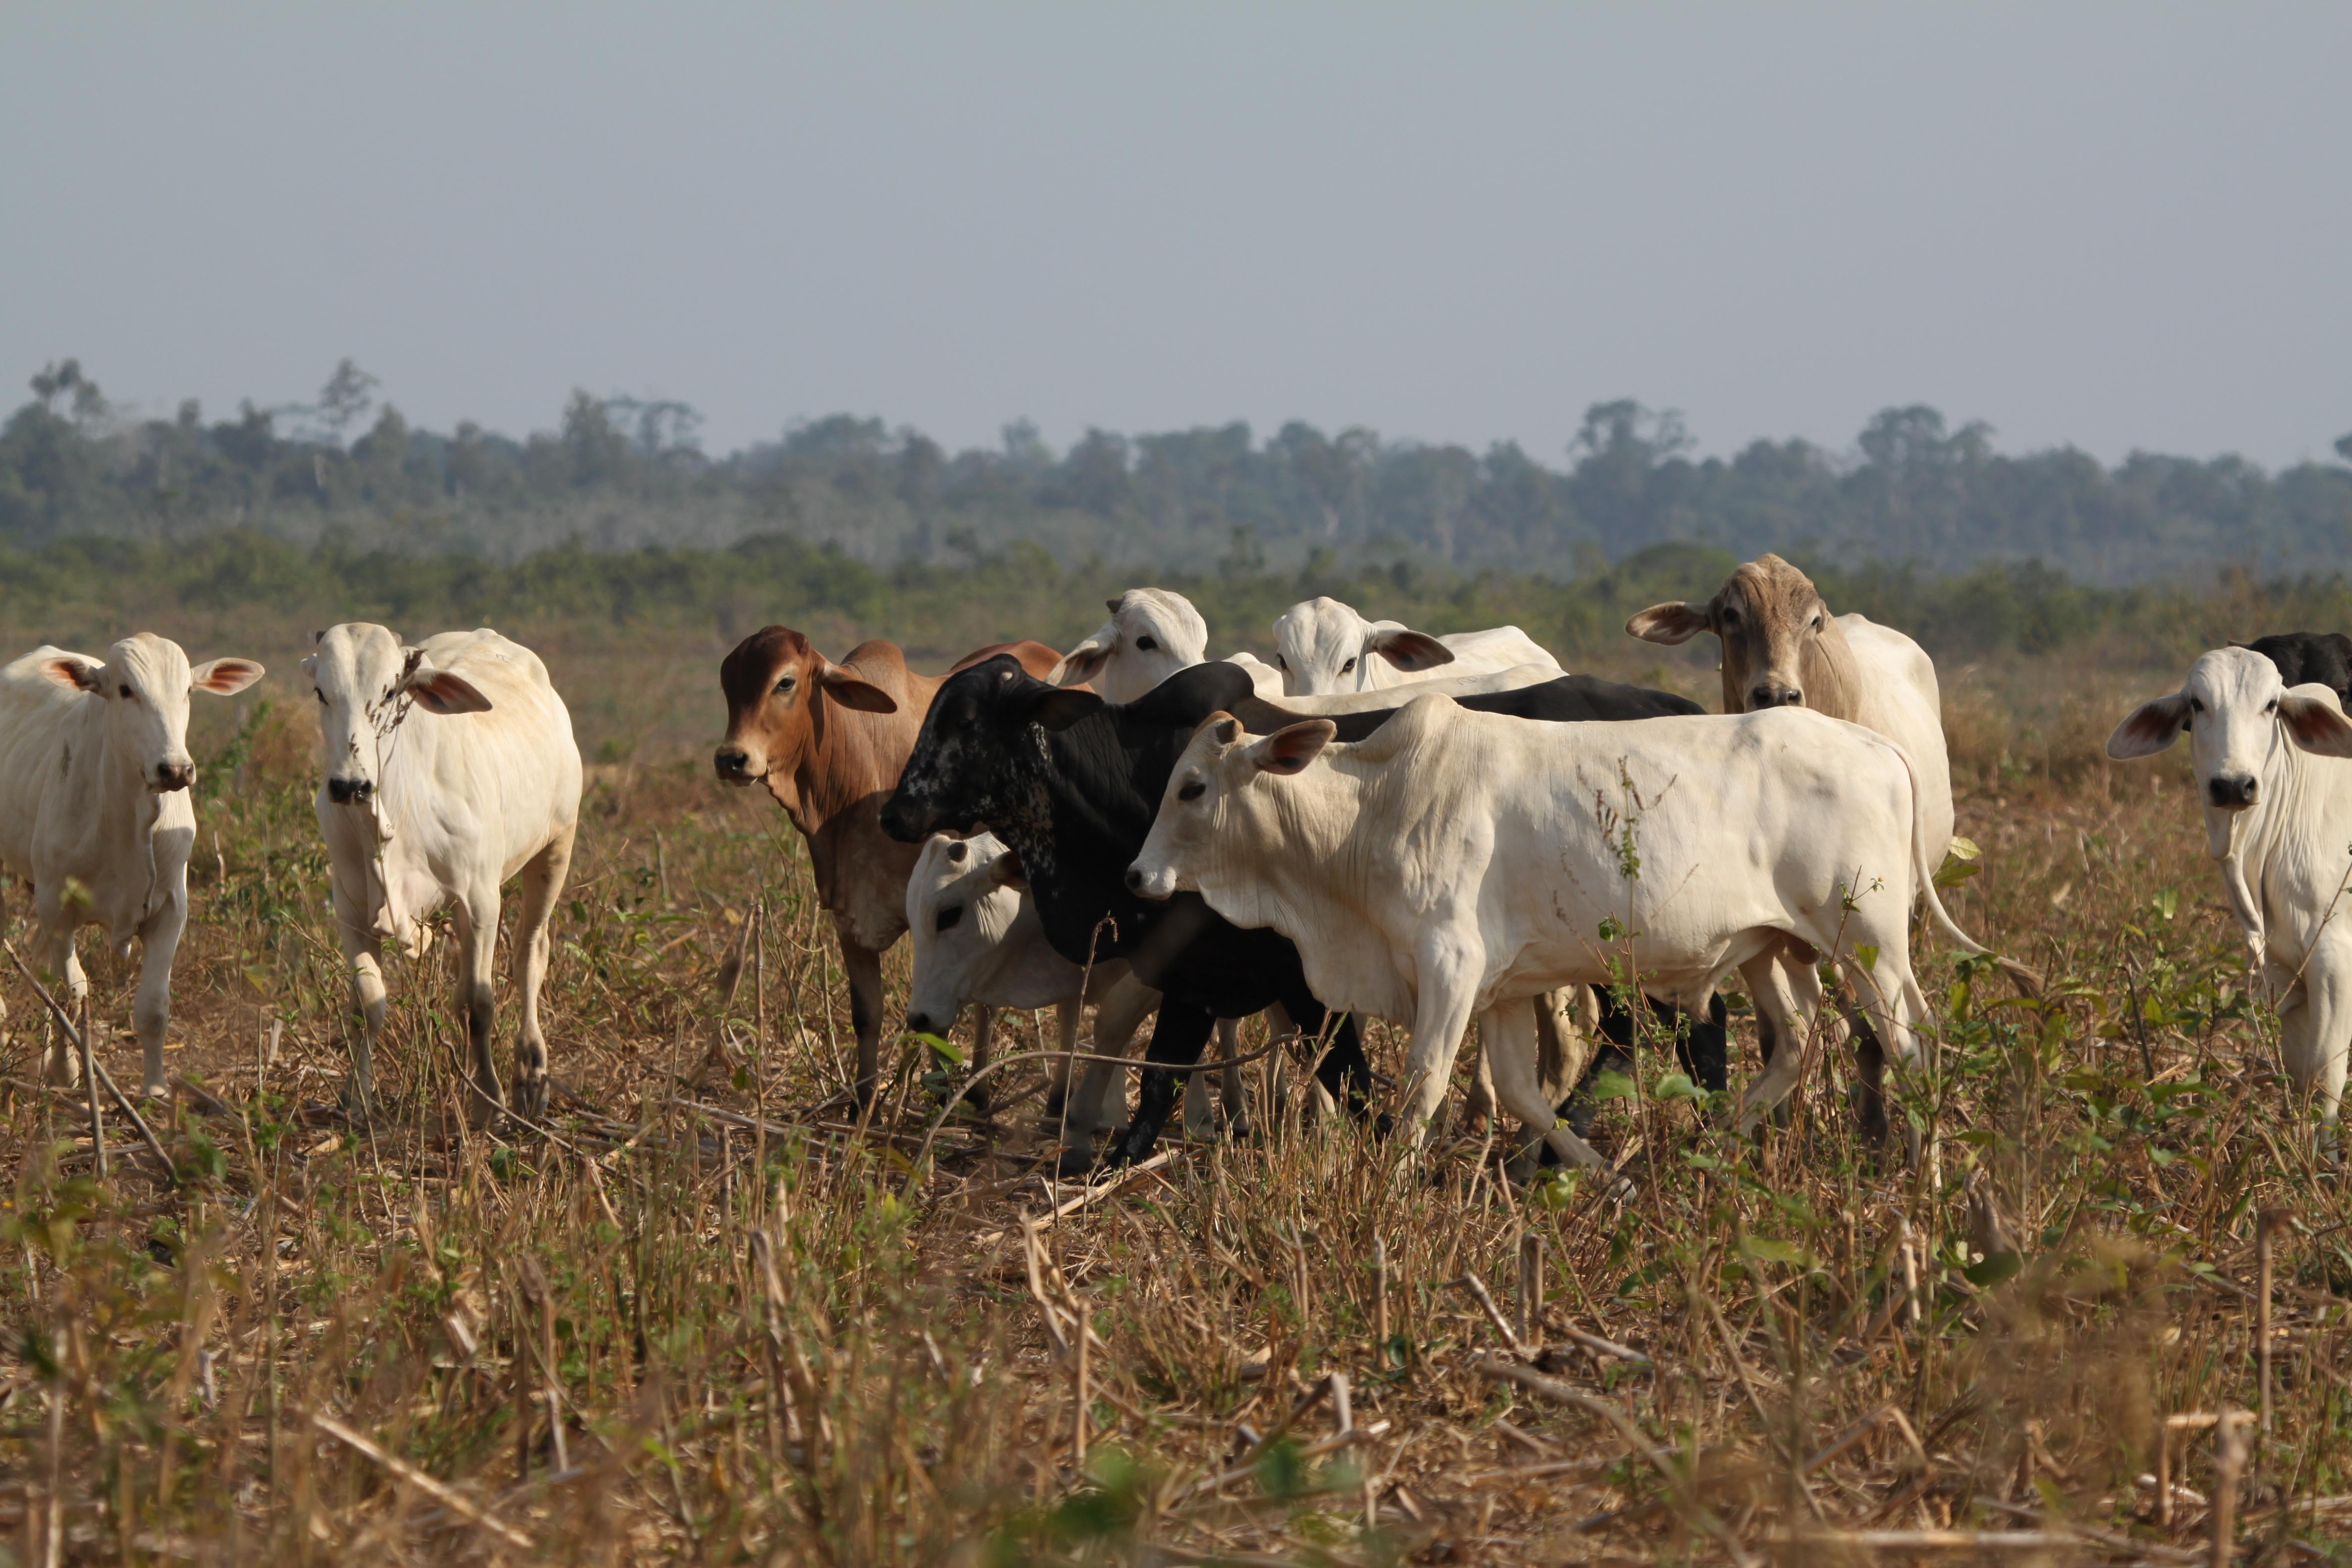 Cattle in the Brazilian Amazon region